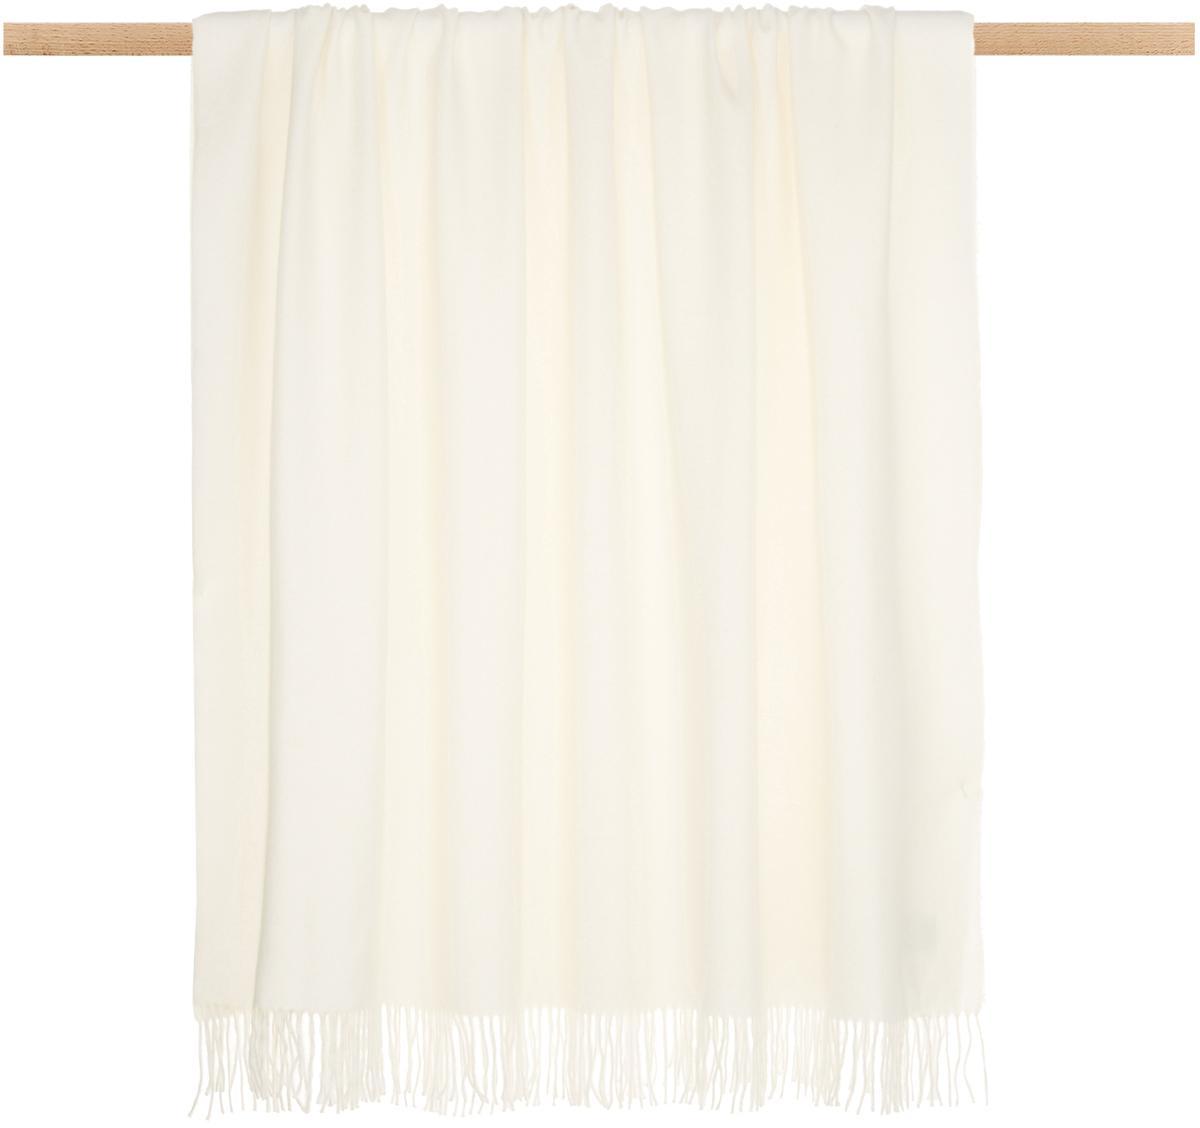 Alpacawollen plaid Luxury, Beige, wit, 130 x 200 cm